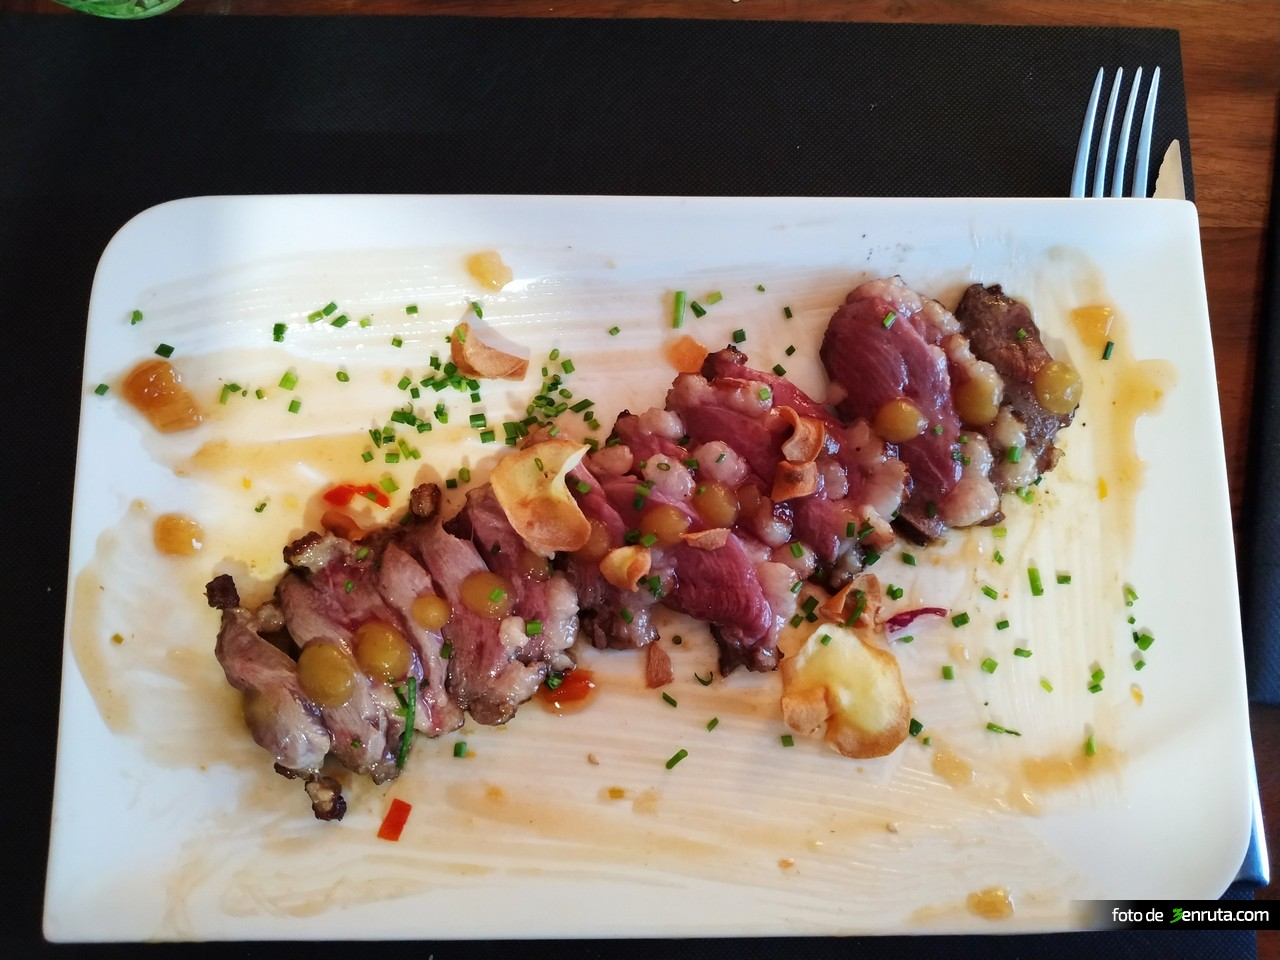 Magret de pato con un toque de manzana del Restaurante La Vinya Tames i Vins